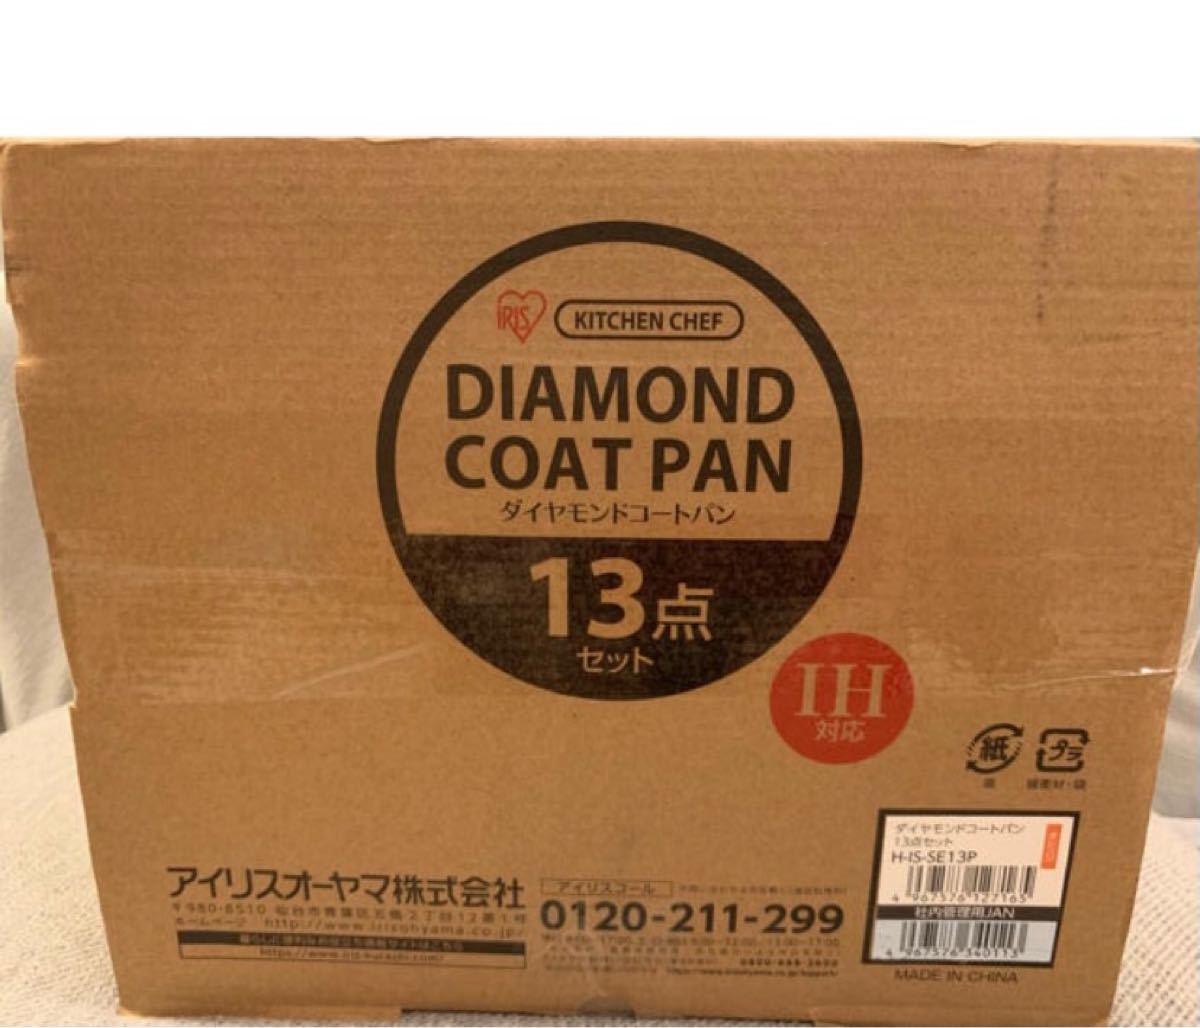 アイリスオーヤマ フライパンセット レッド ダイヤモンドコートパン13点セット H-ISSE13P